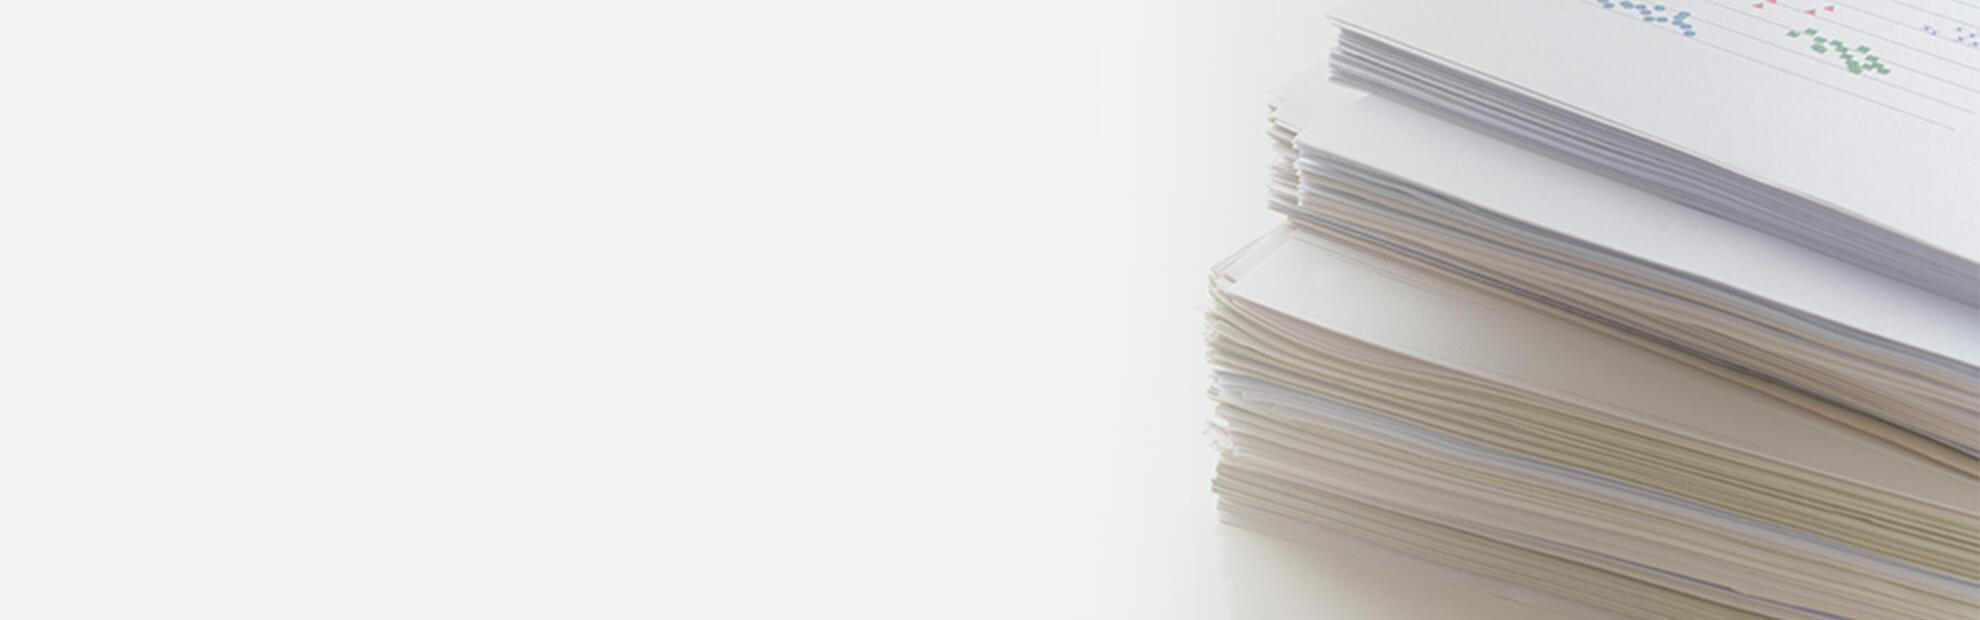 電子帳簿保存法・e文書法・ペーパーレス対応